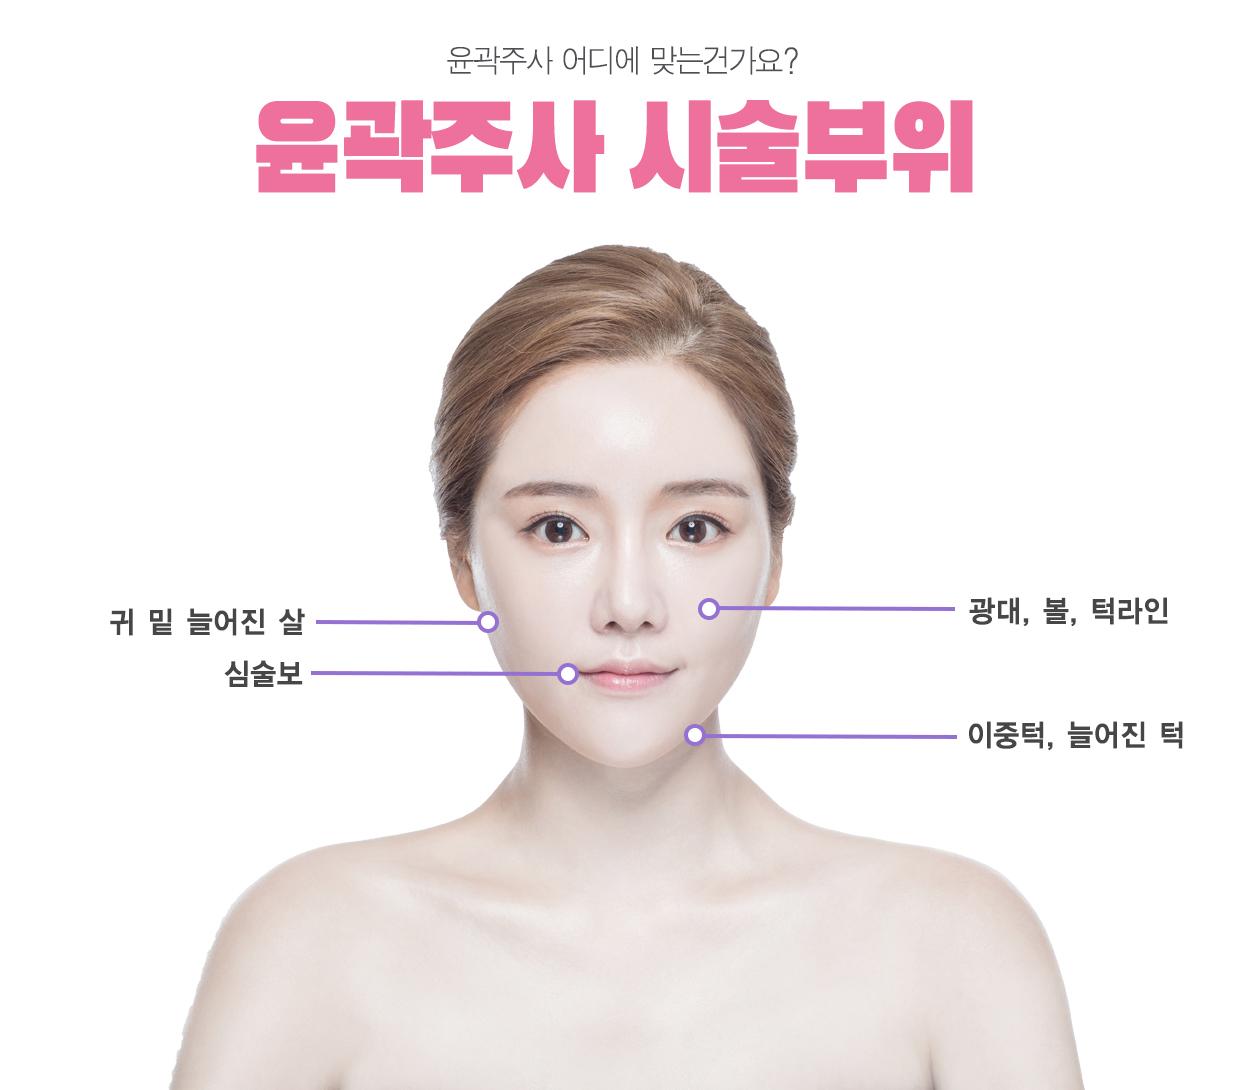 윤곽주사 시술부위 귀밑늘어진살 심술보 광대,볼, 턱라인 이중턱, 늘어진턱